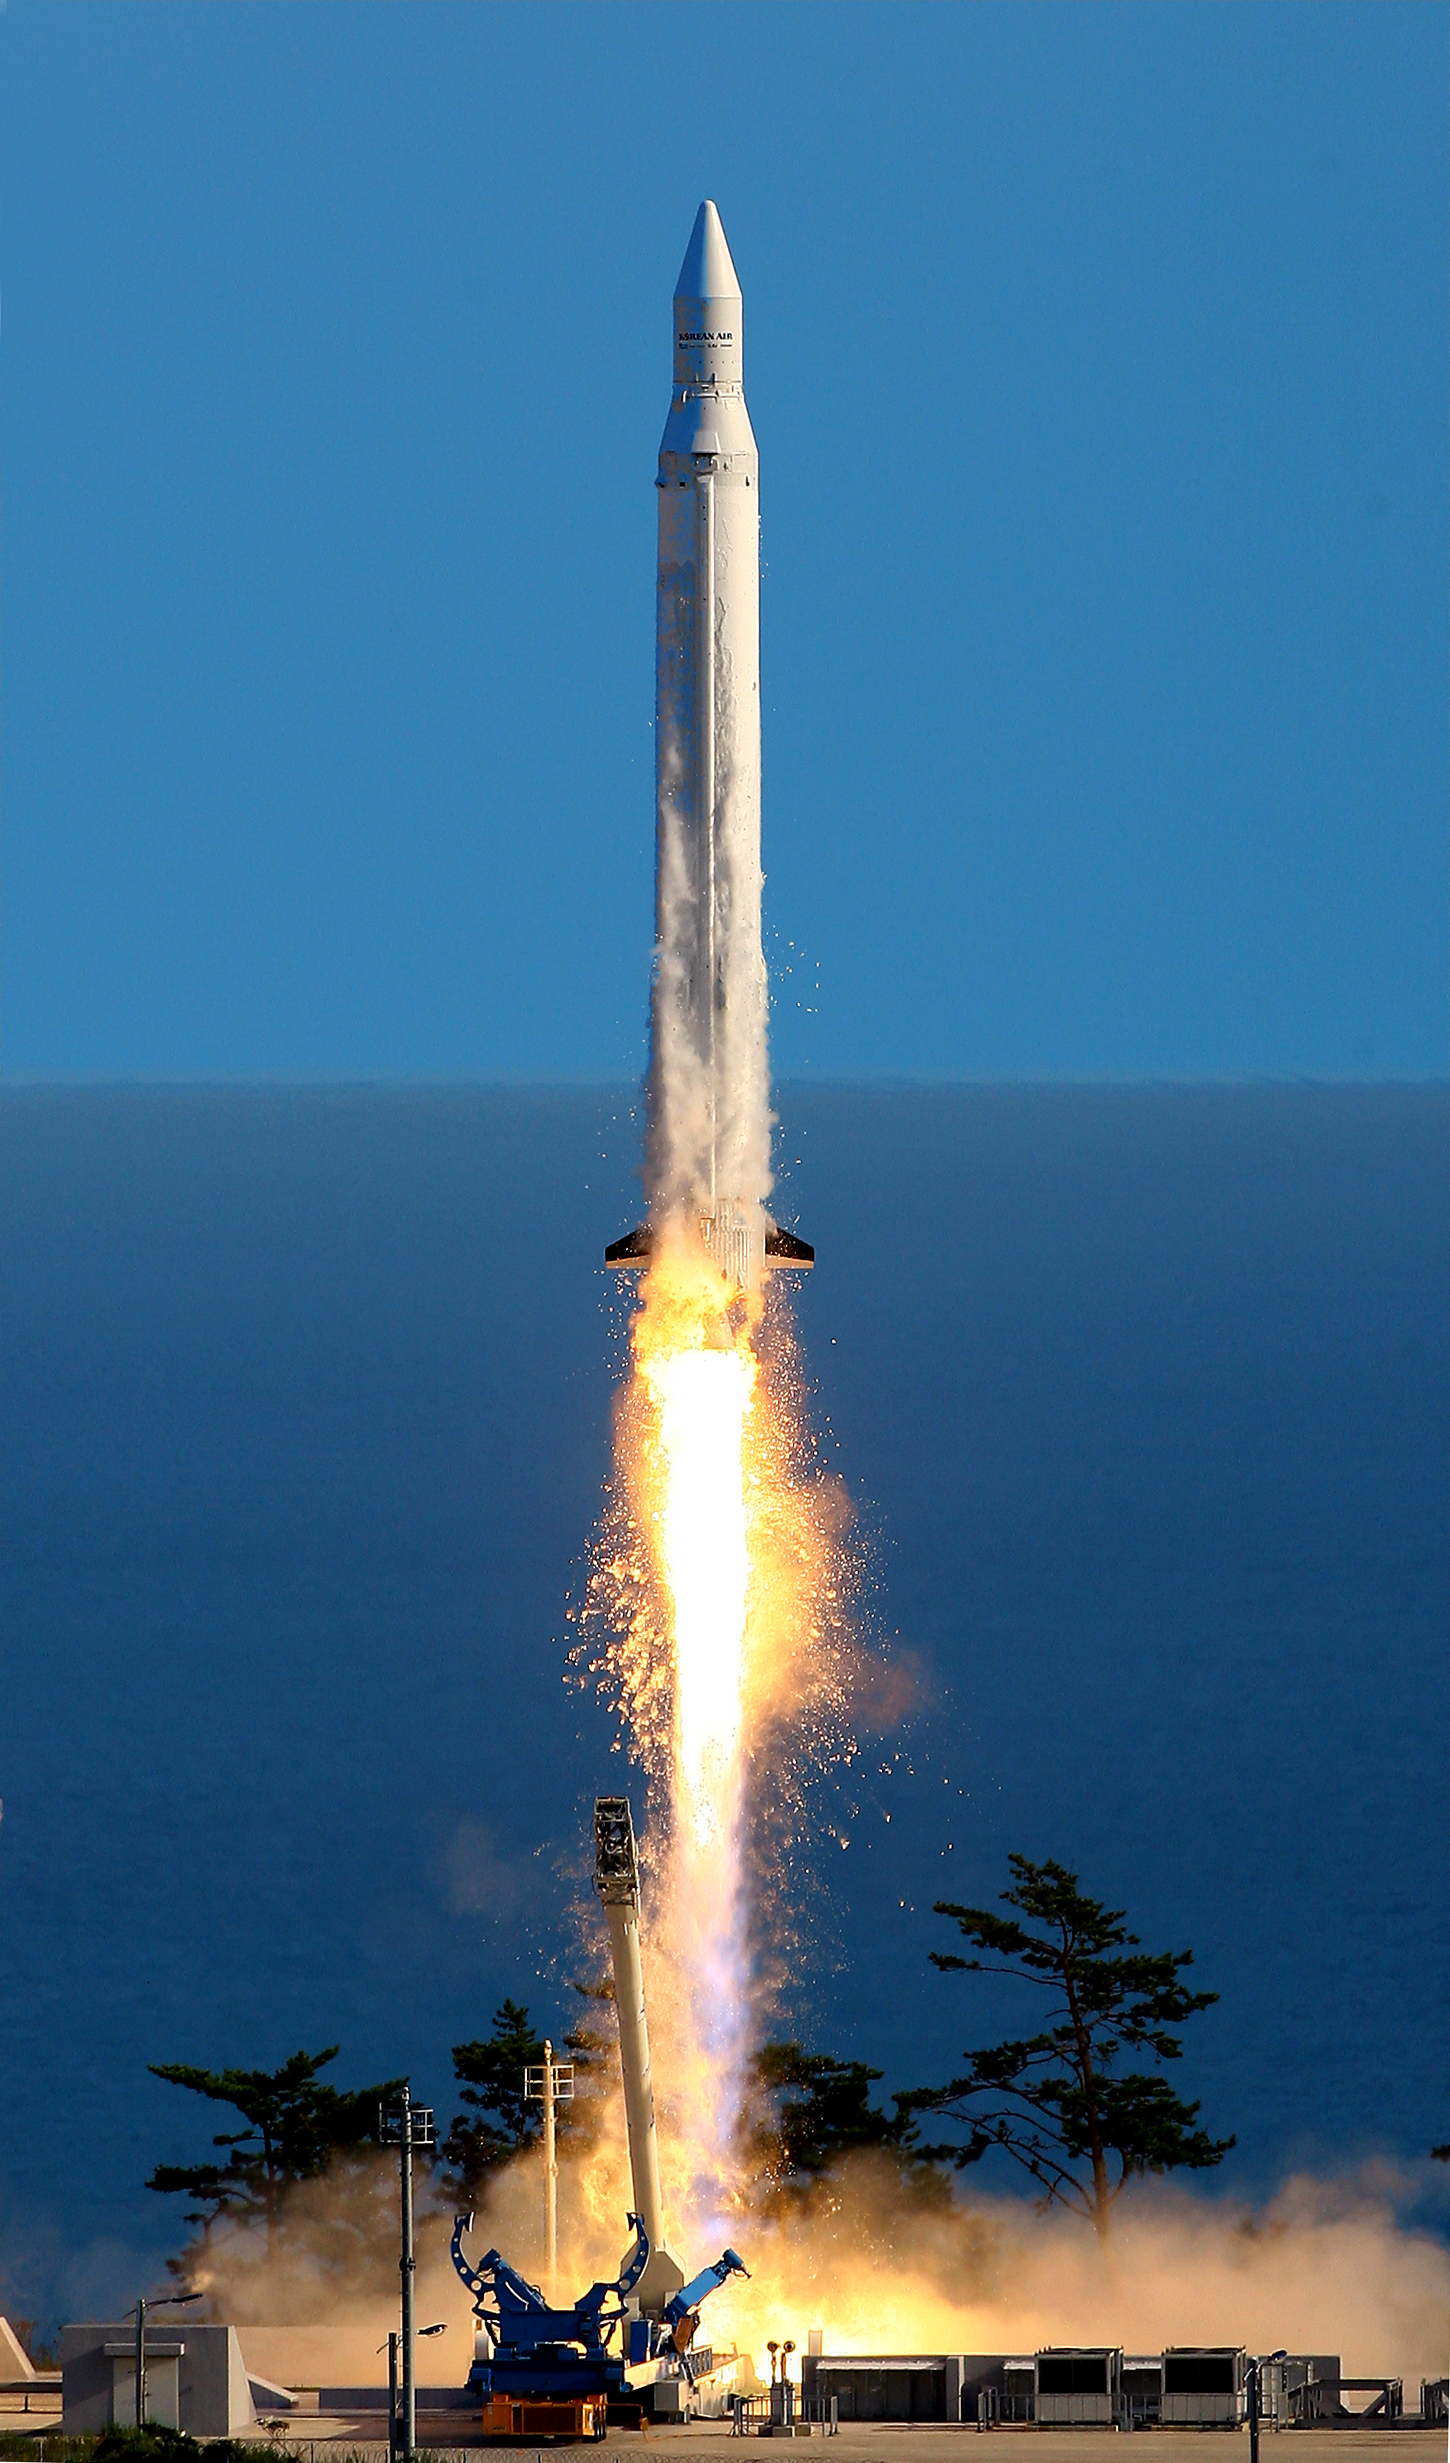 한국최초 우주발사체 '나로호' 발사 후 정상궤도 진입 실패